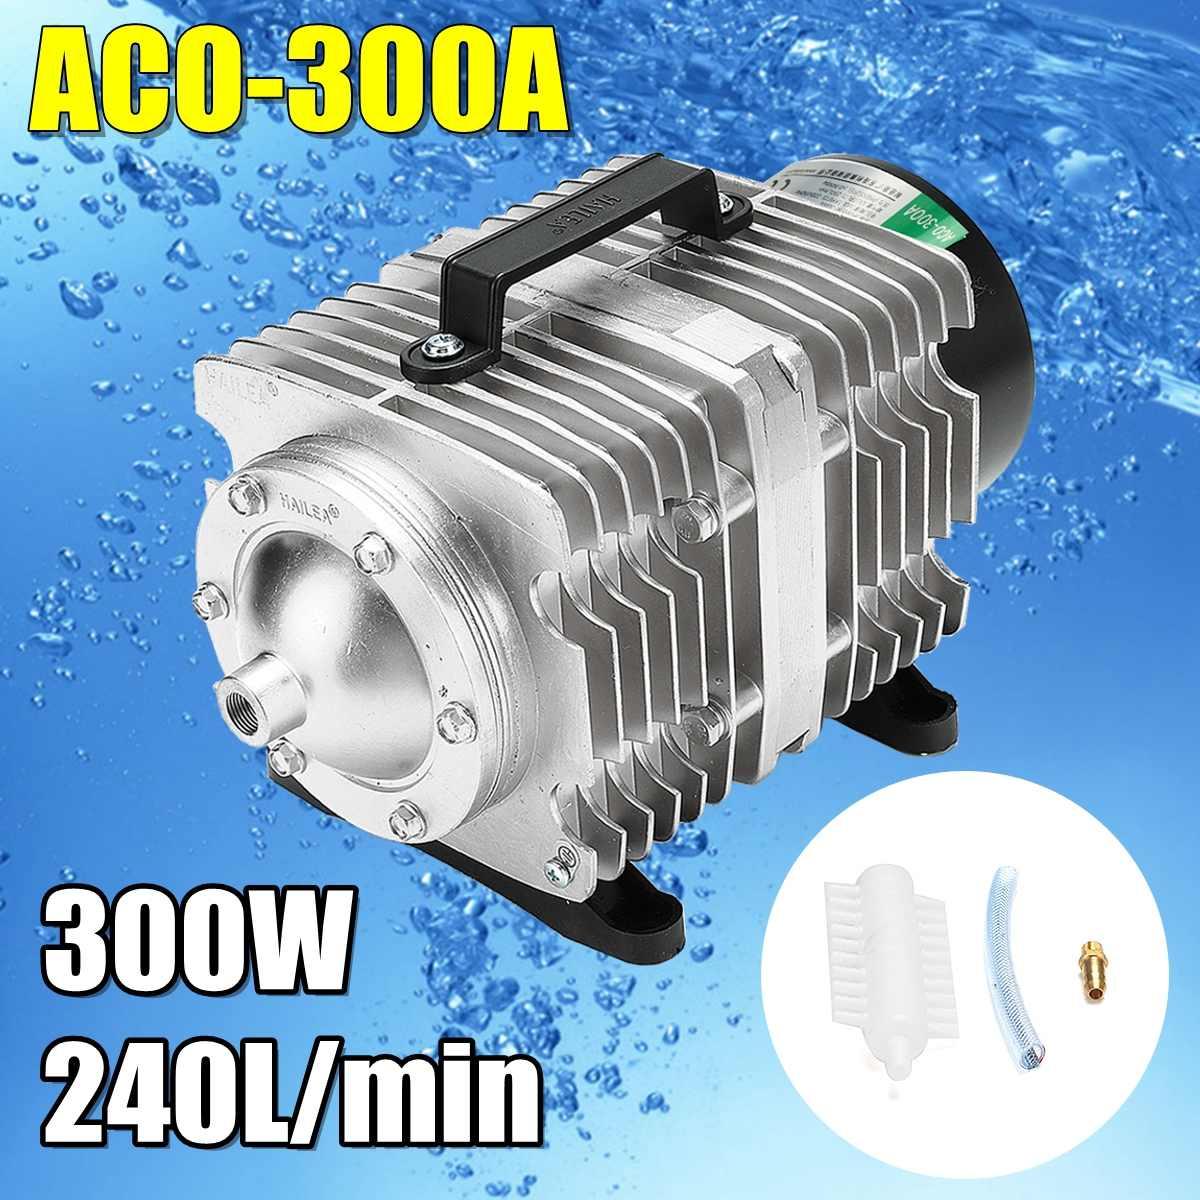 300 Вт AC 220 В 240л/мин воздушный компрессор ACO-300A 0.04Mpa для аквариума электромагнитный насос аквариум с подачей кислорода компрессор для рыбного ...